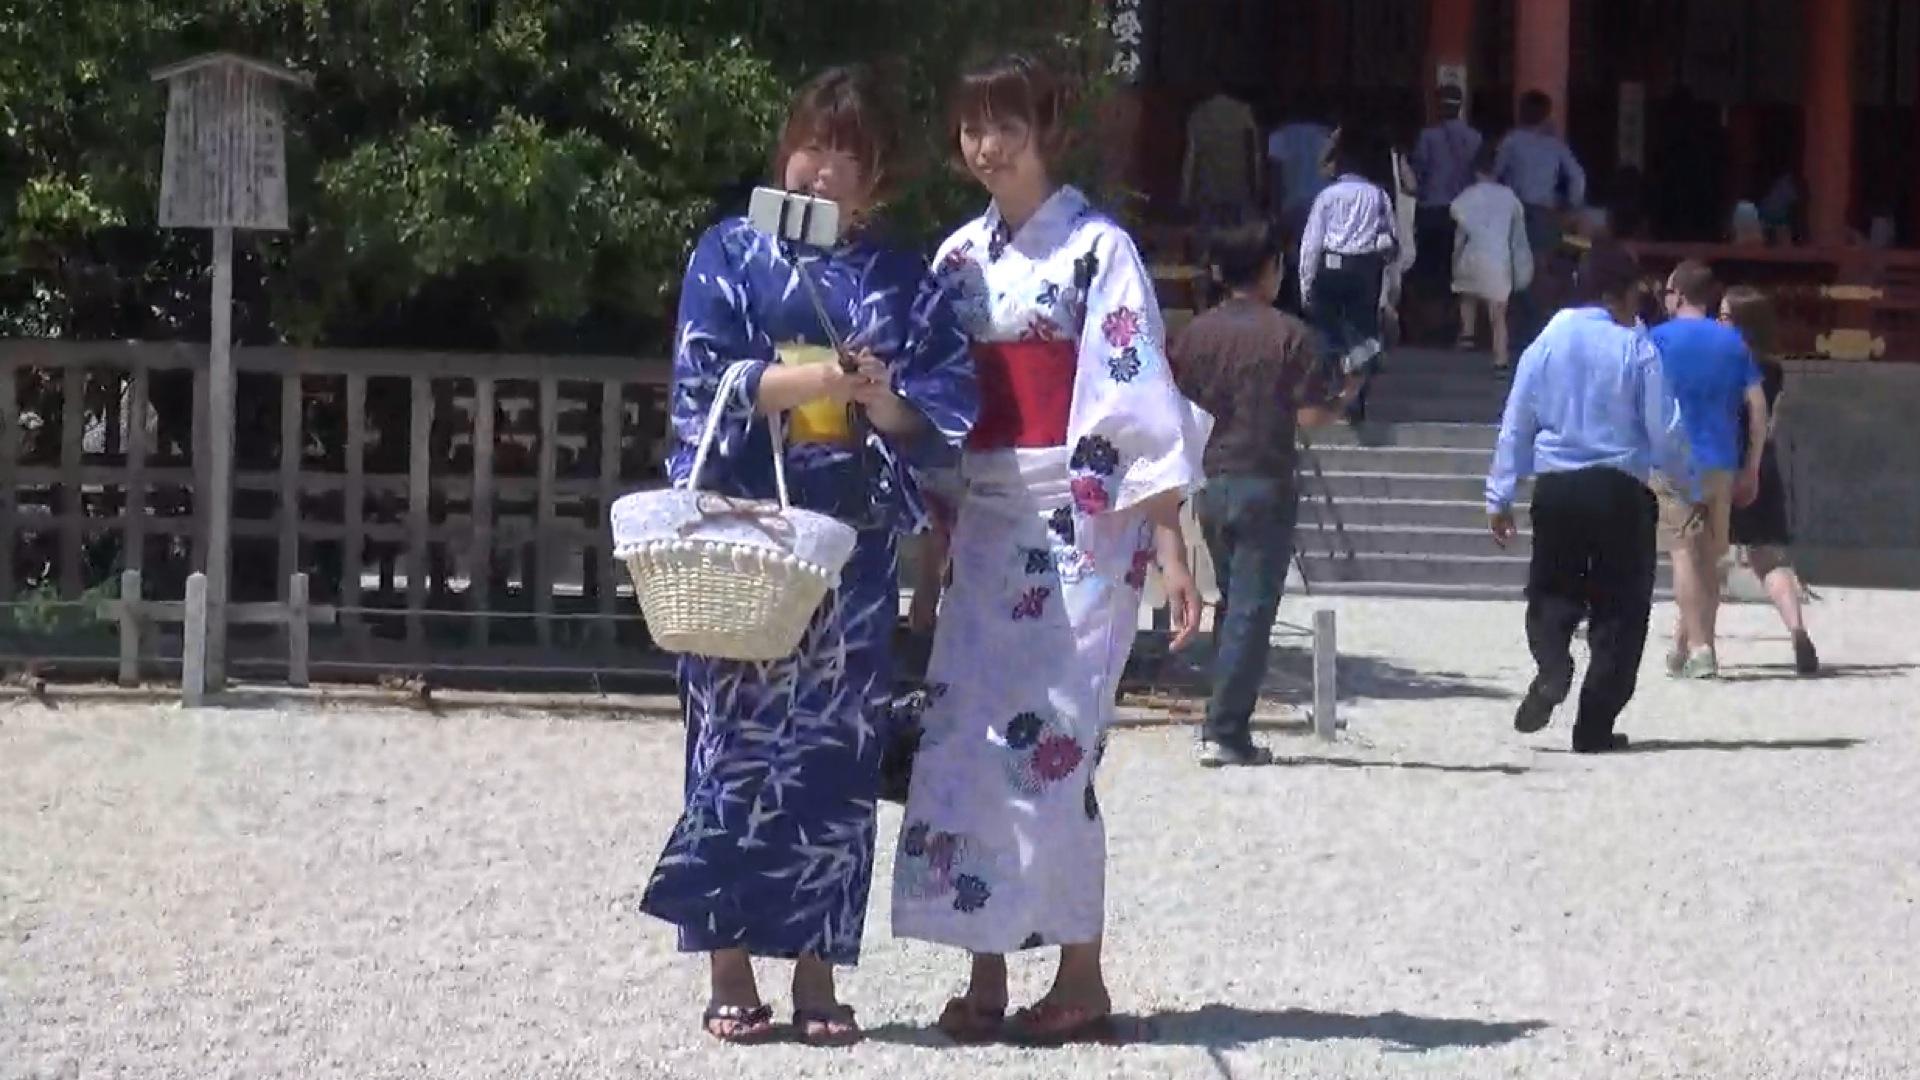 Touristinnen im Geisha Outfit posieren fürs Selfie